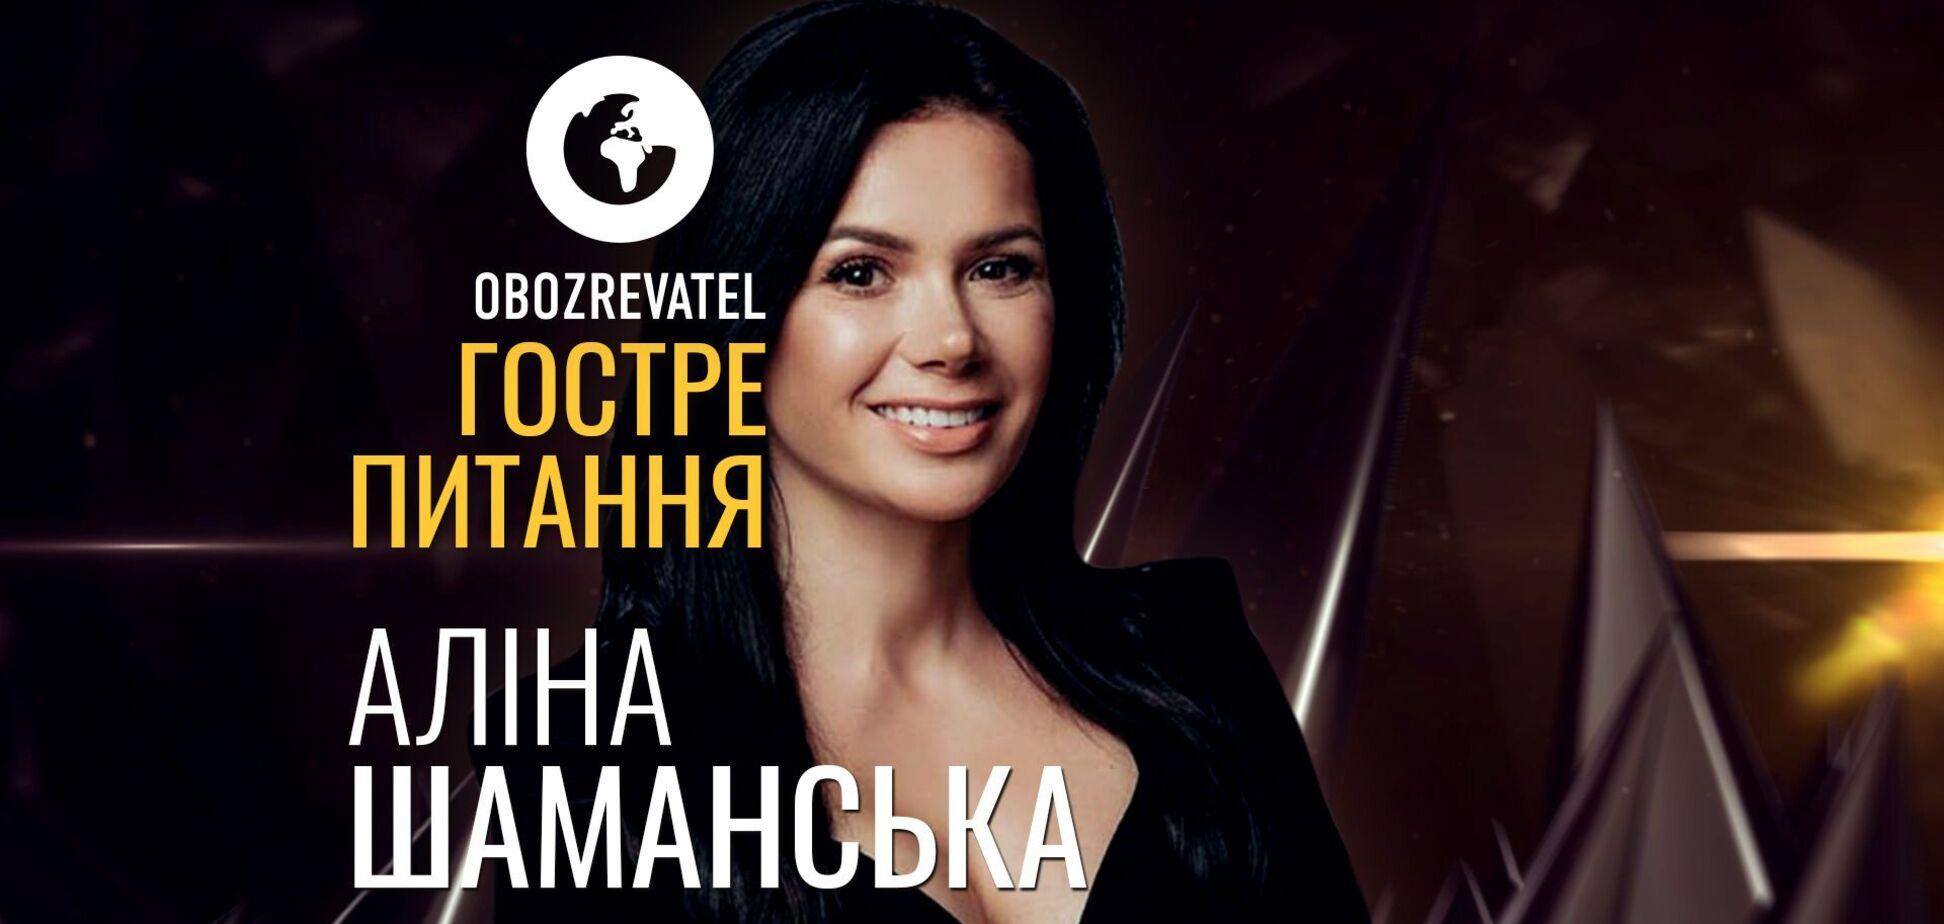 Аліна Шаманська, популярна інстаблогерка, в програмі 'Гостре питання'